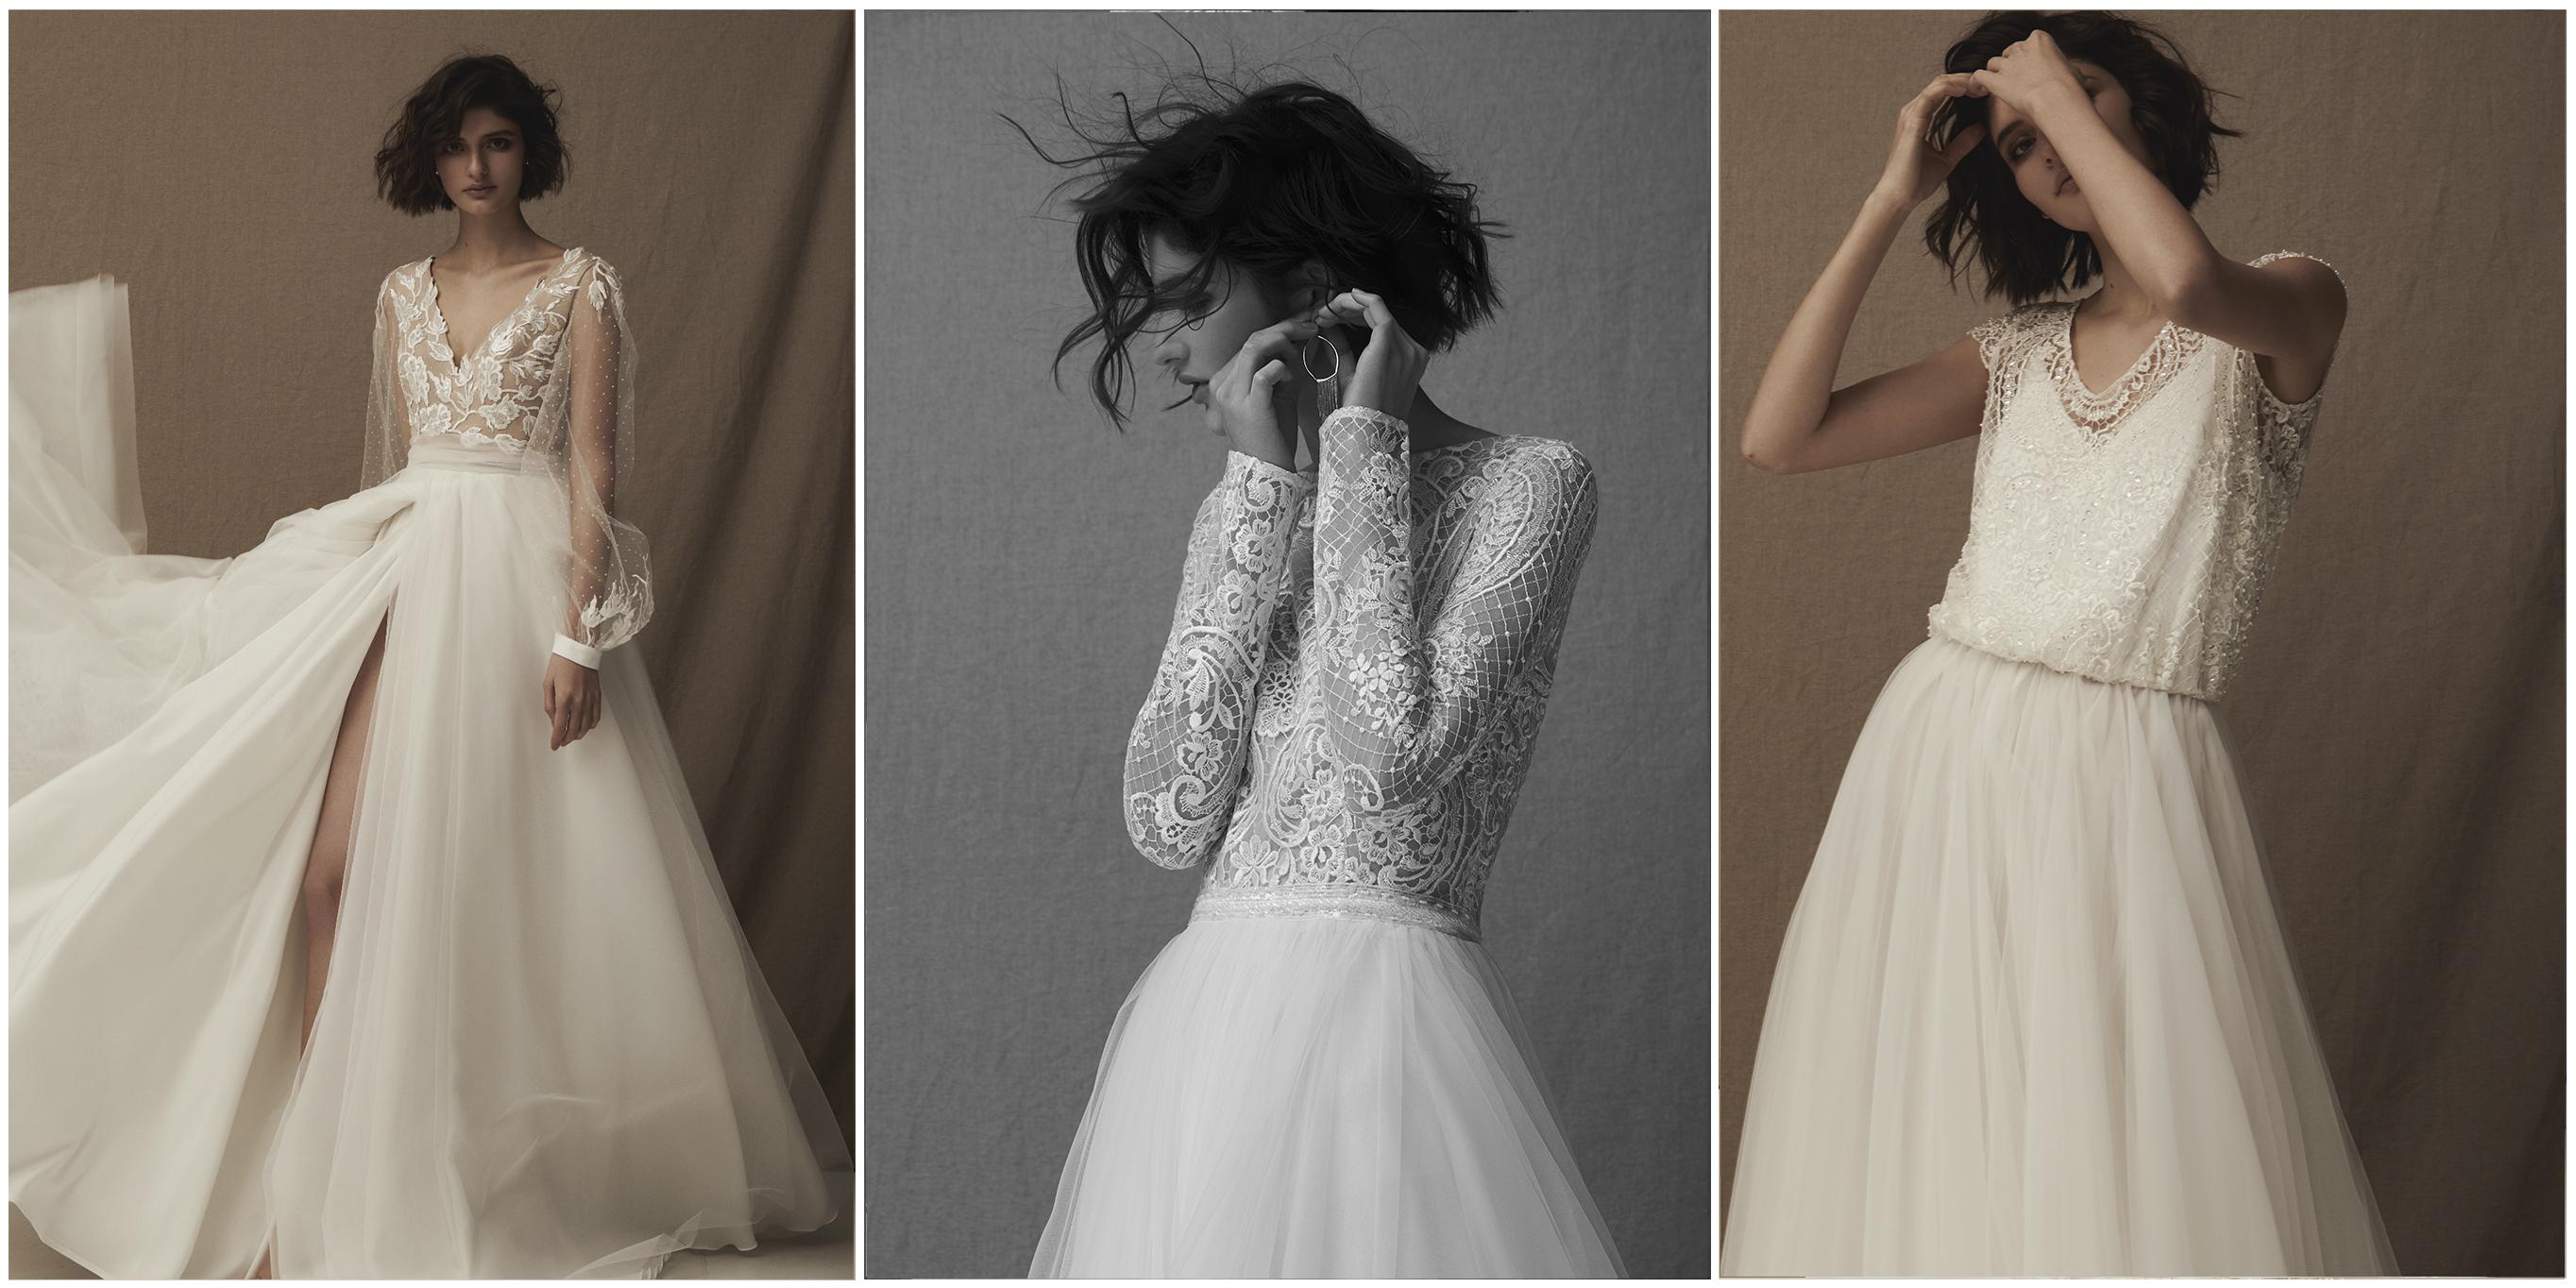 3b3fc60c595 Новая bridal коллекция свадебных платьев от бренда TOTAL WHITE ...